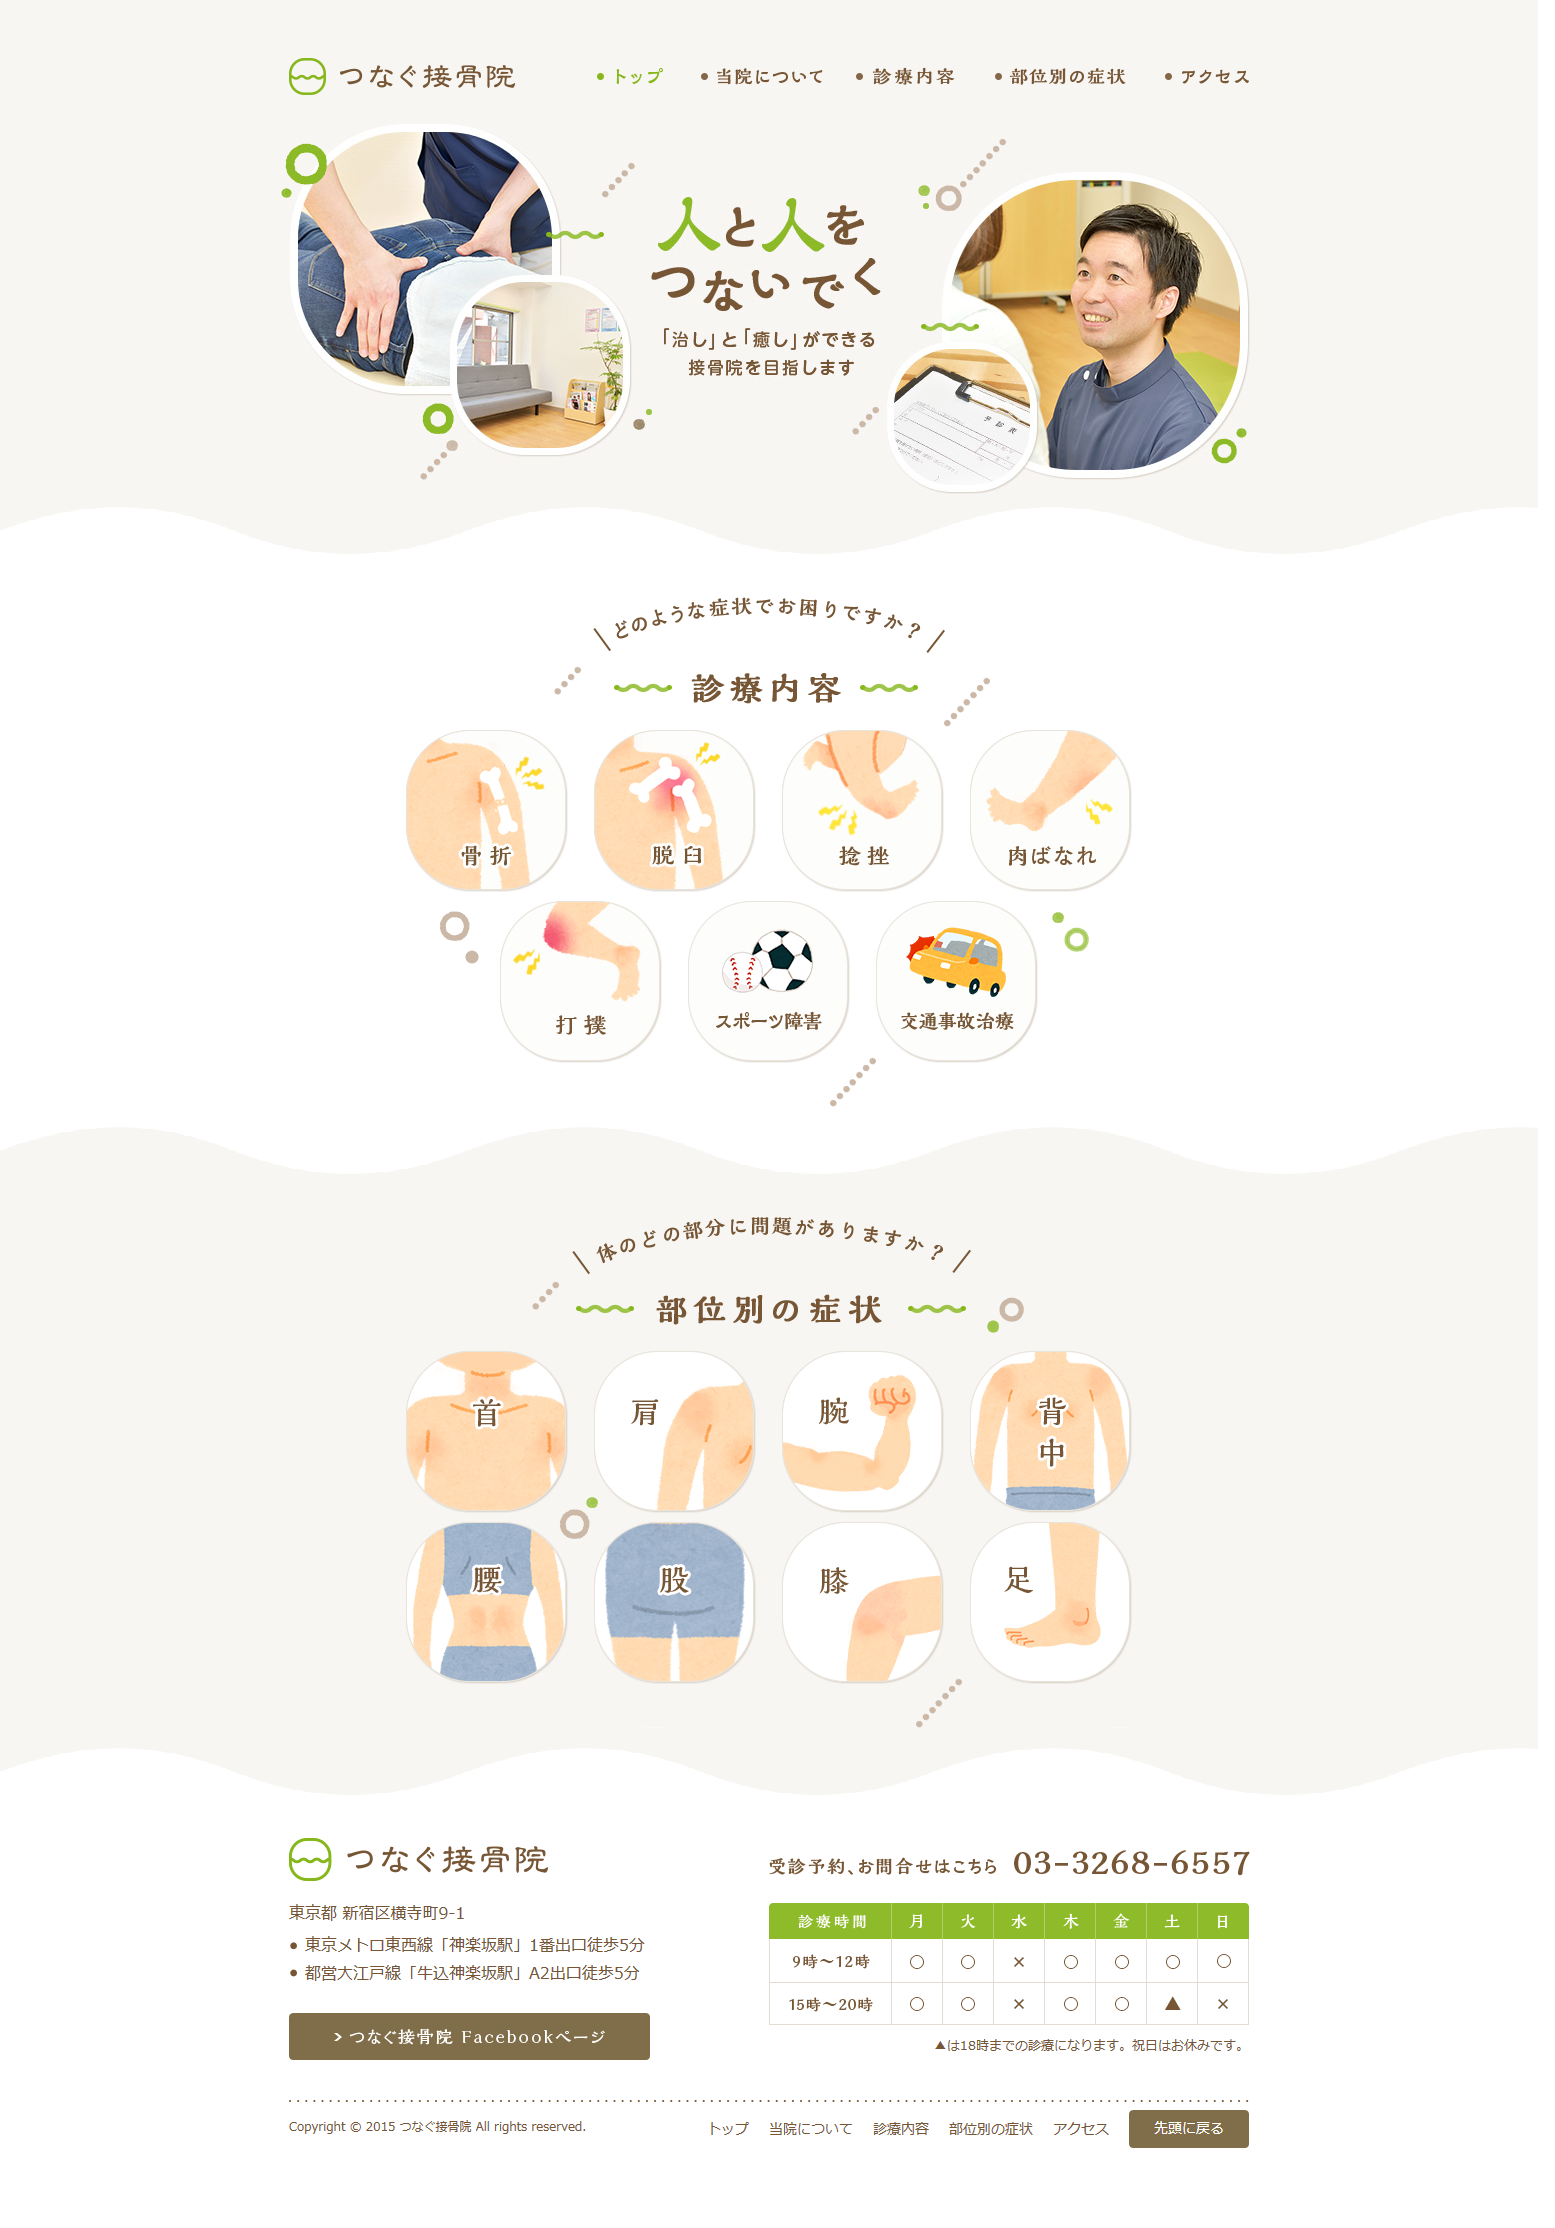 つなぐ接骨院 ベージュ系 イラスト アナログ風 医療 Http Tsunagu Sekkotsuin Jp 医療デザイン ウェブデザイン Webデザイン